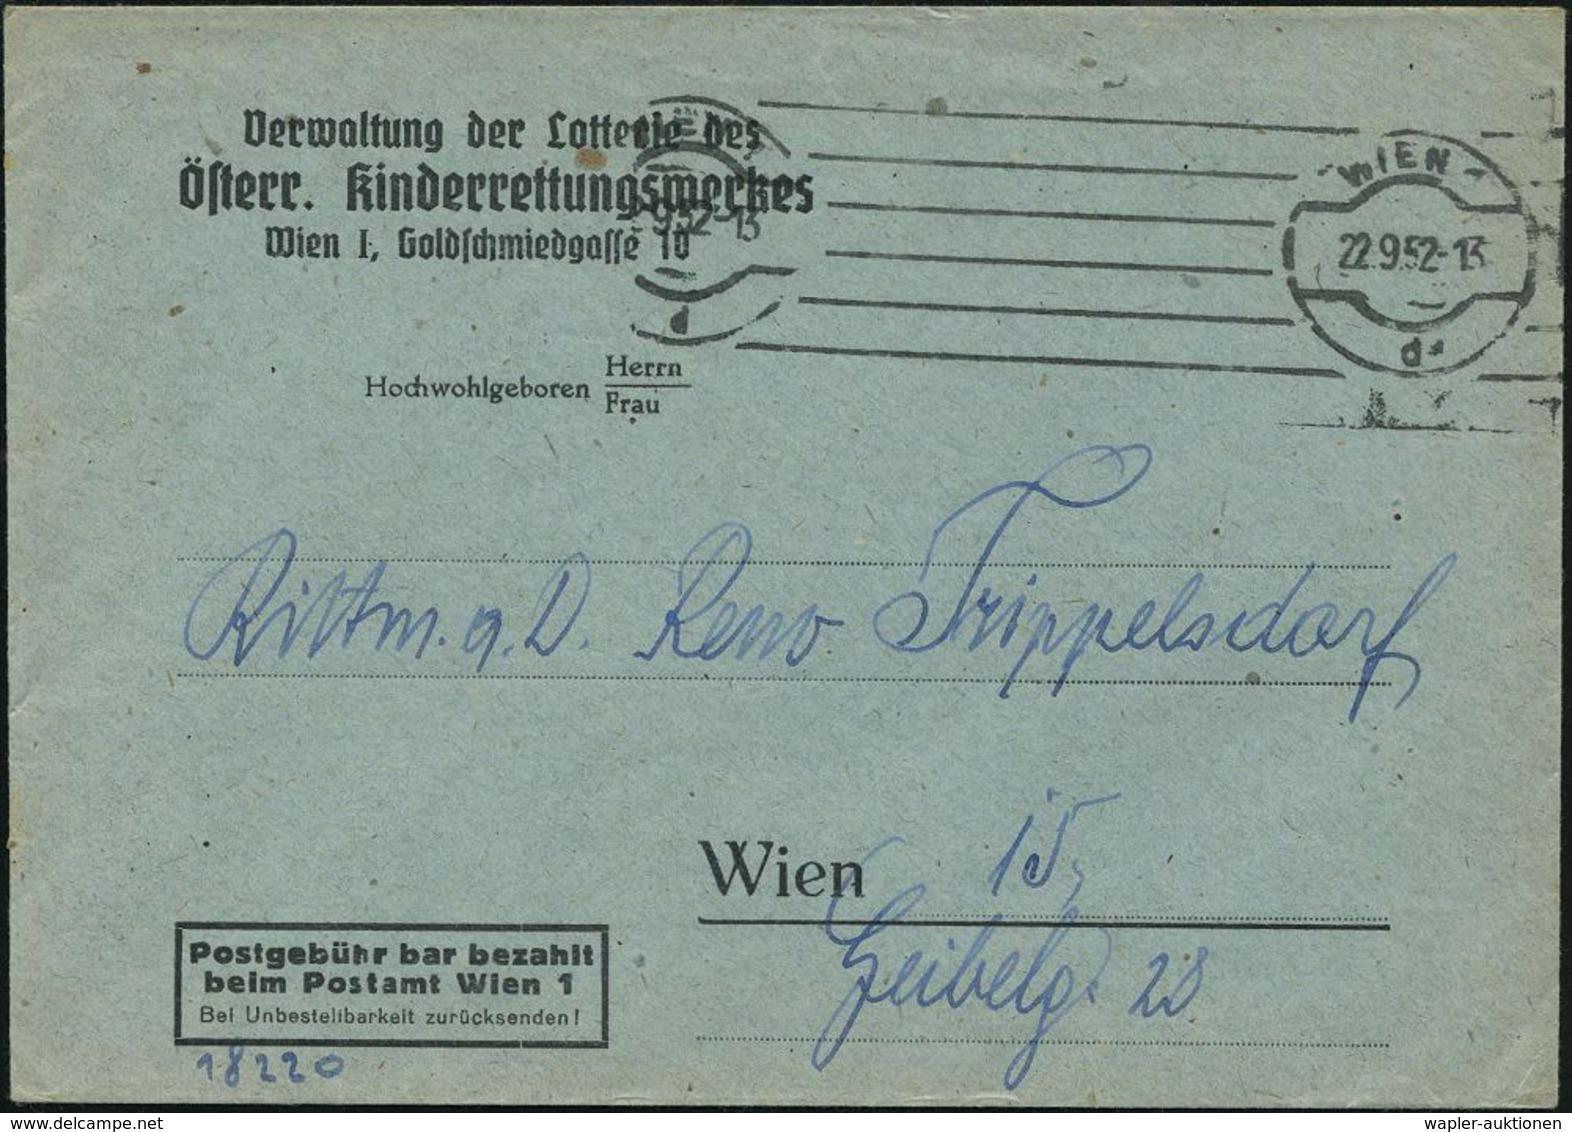 ÖSTERREICH 1952 (22.9.) BdMaSt: WIEN 1/d Auf Vordr.Bf: Postgebühr Bar Bezahlt Wien 1/Verwaltung Der Lotterie Der/ Österr - UNICEF